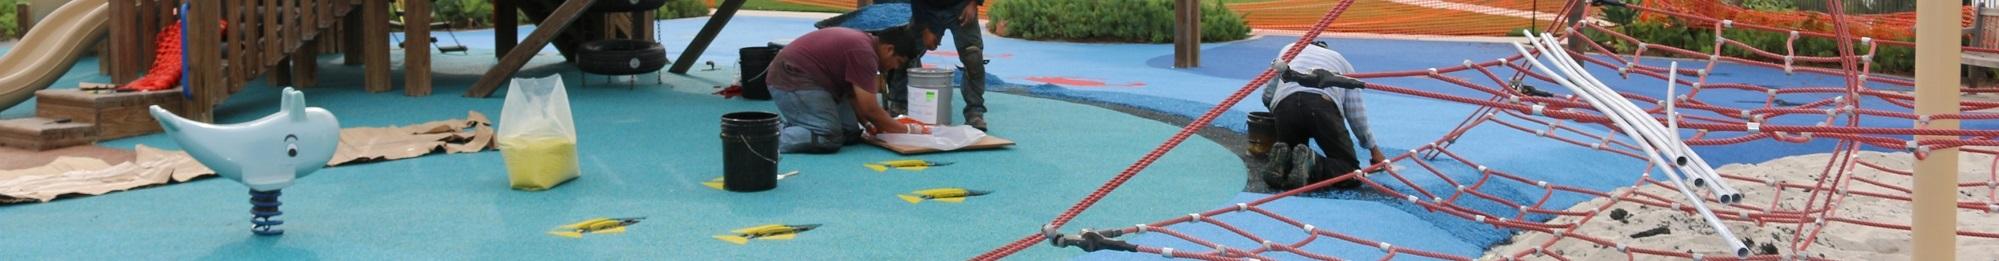 Playground repair materials patch kit